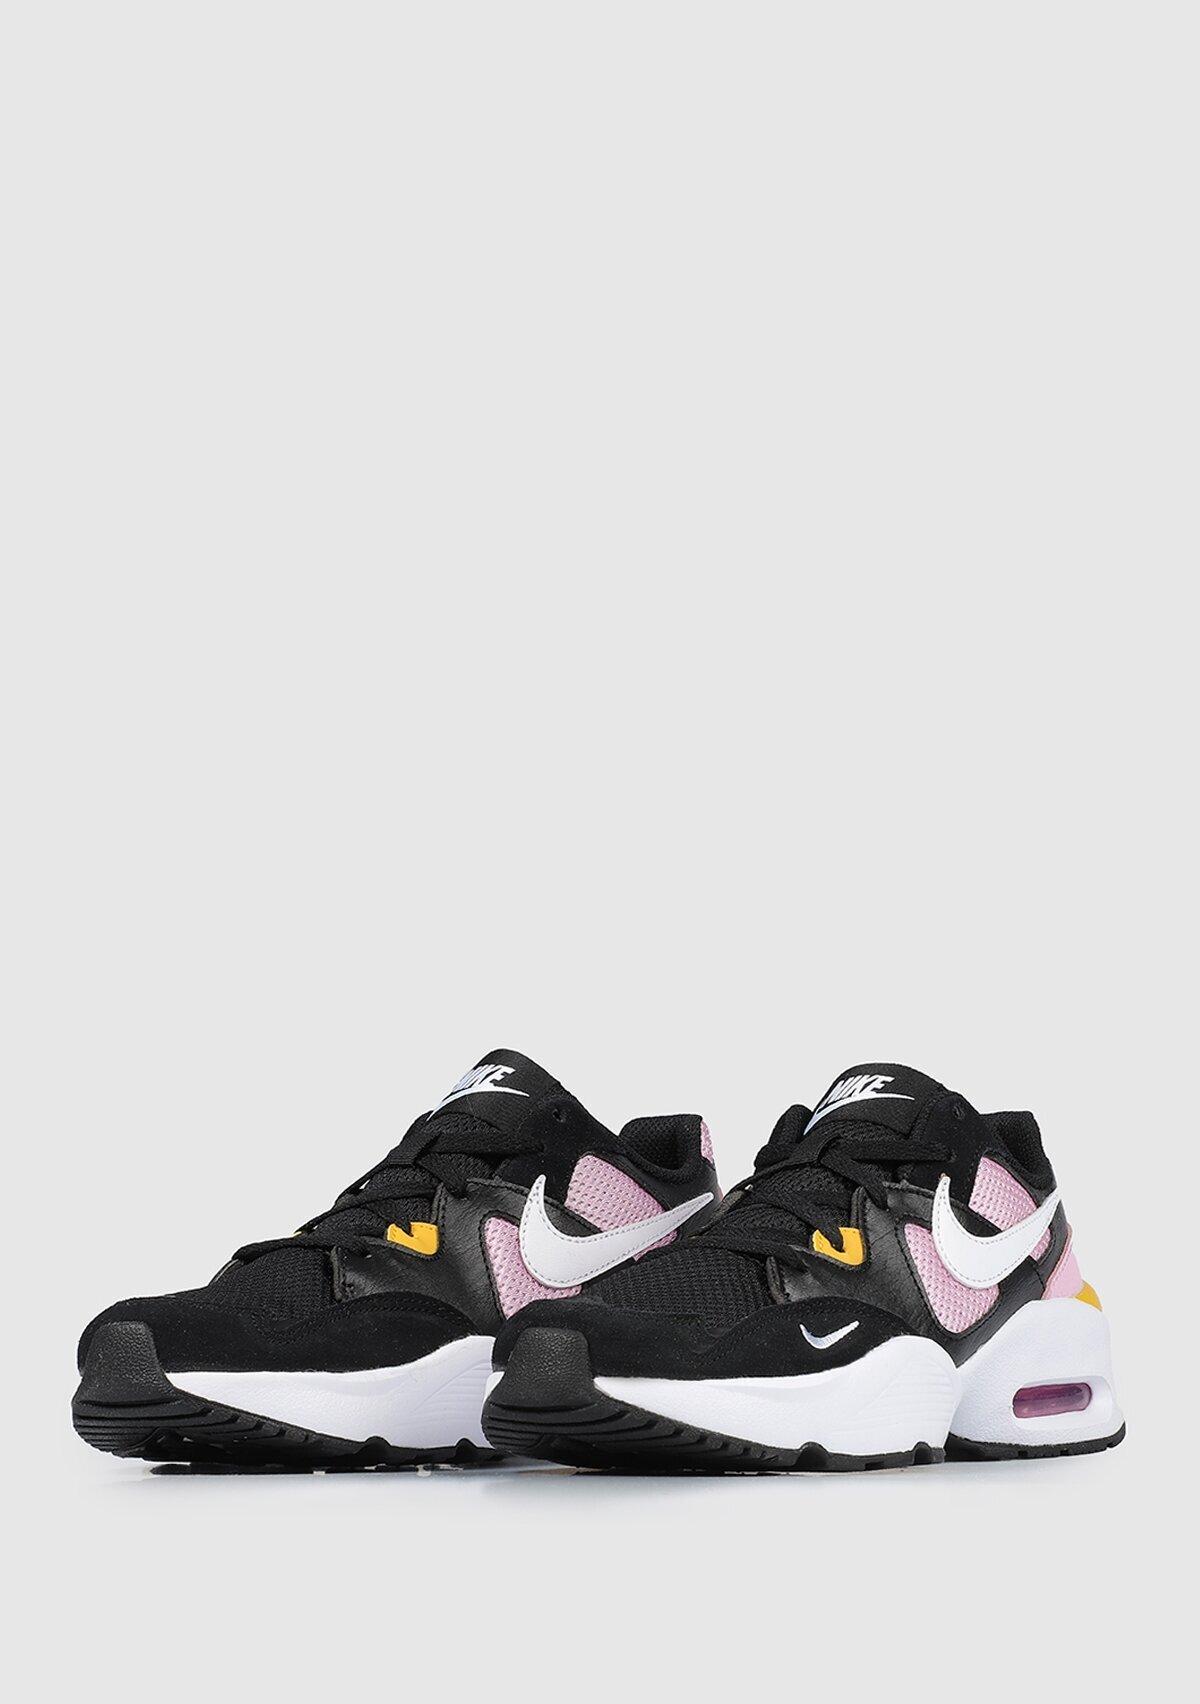 resm Air Max Fusion Siyah Kadın Spor Ayakkabı 2000Cj3824004